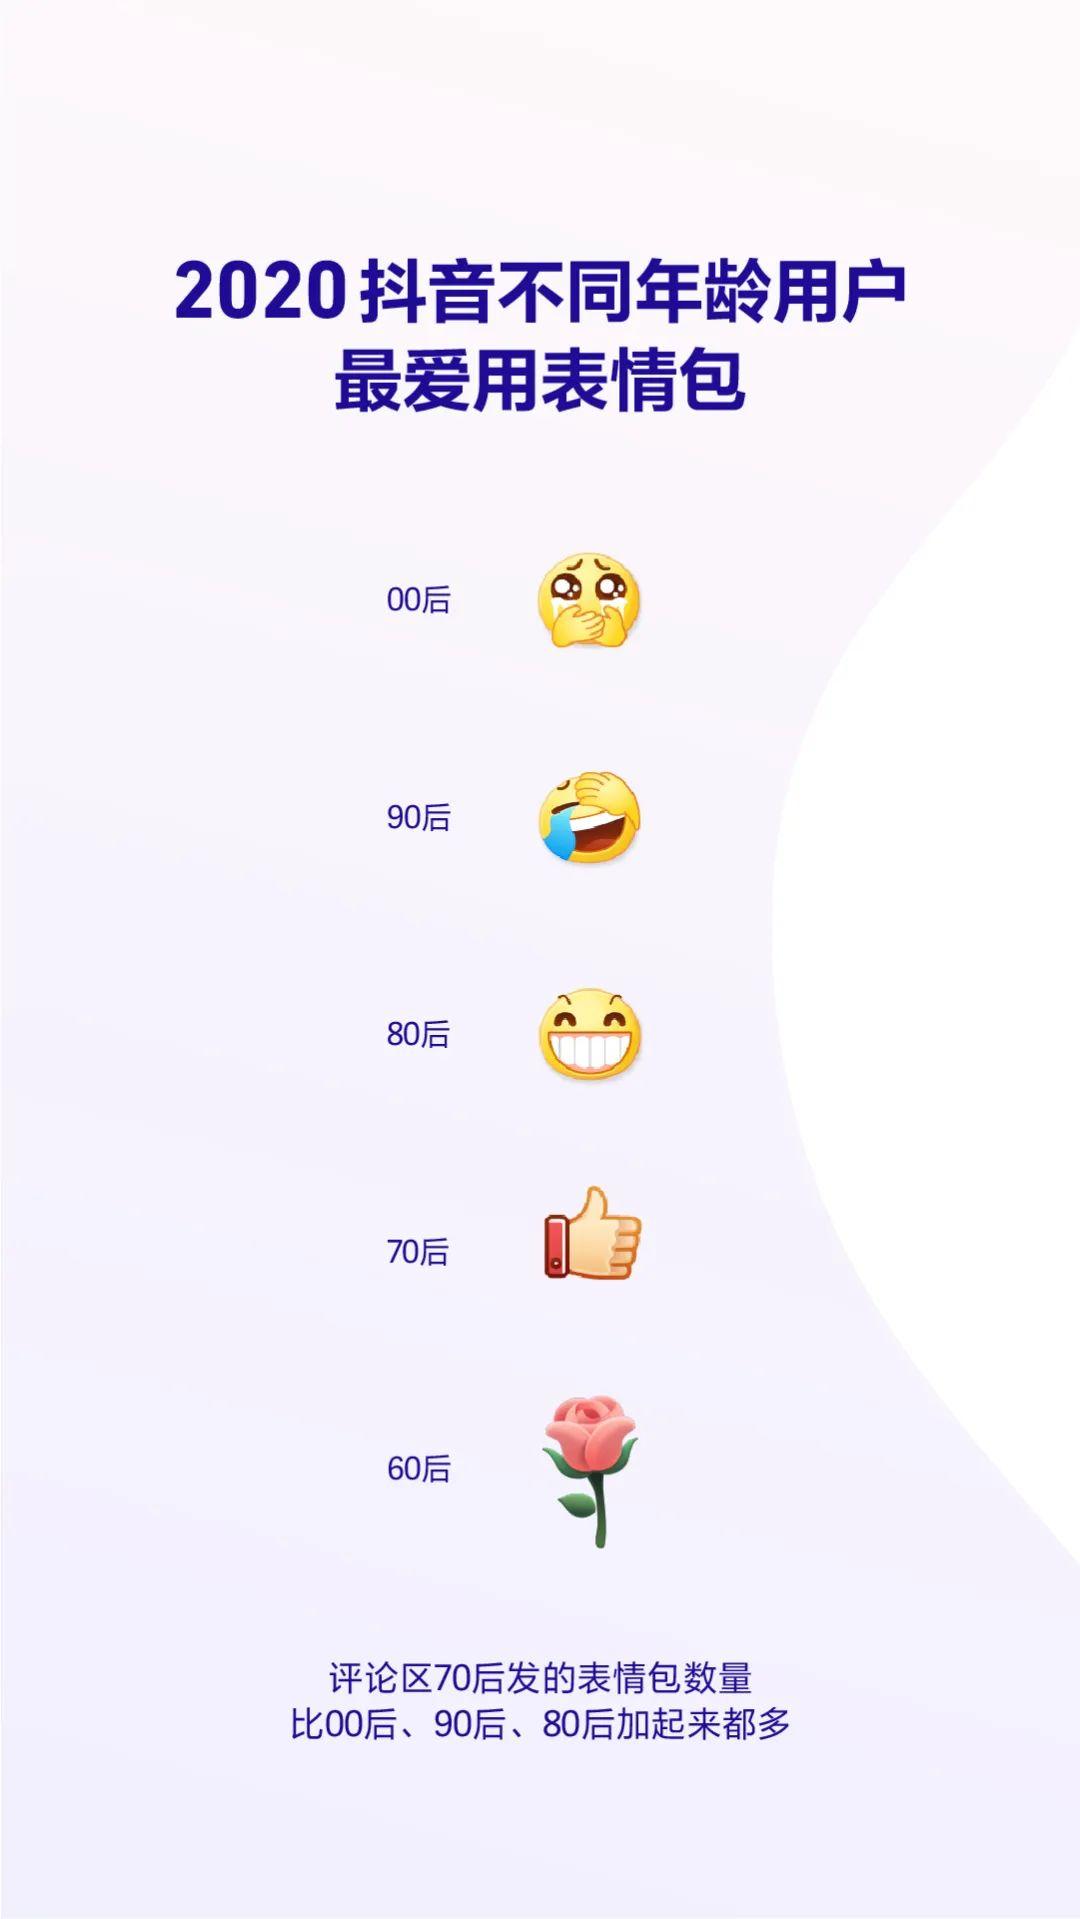 2020抖音数据报告(完整版)插图9